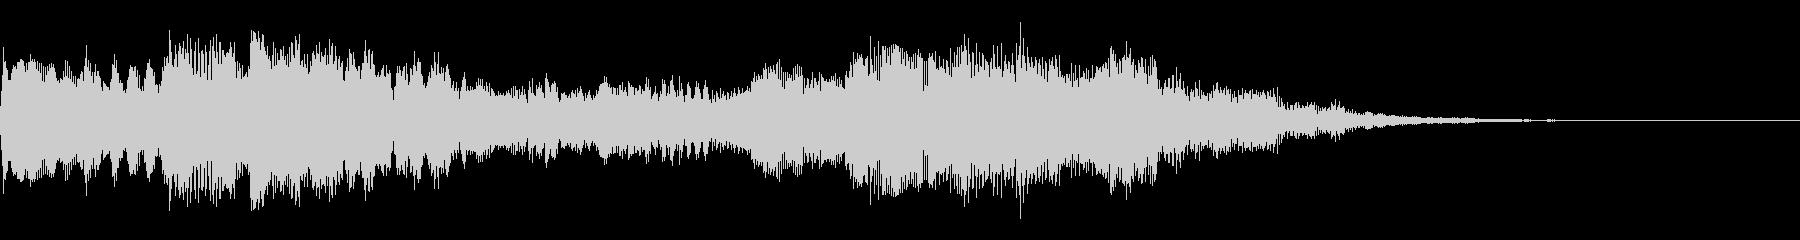 キラキラしたサウンドロゴ、ジングルの未再生の波形